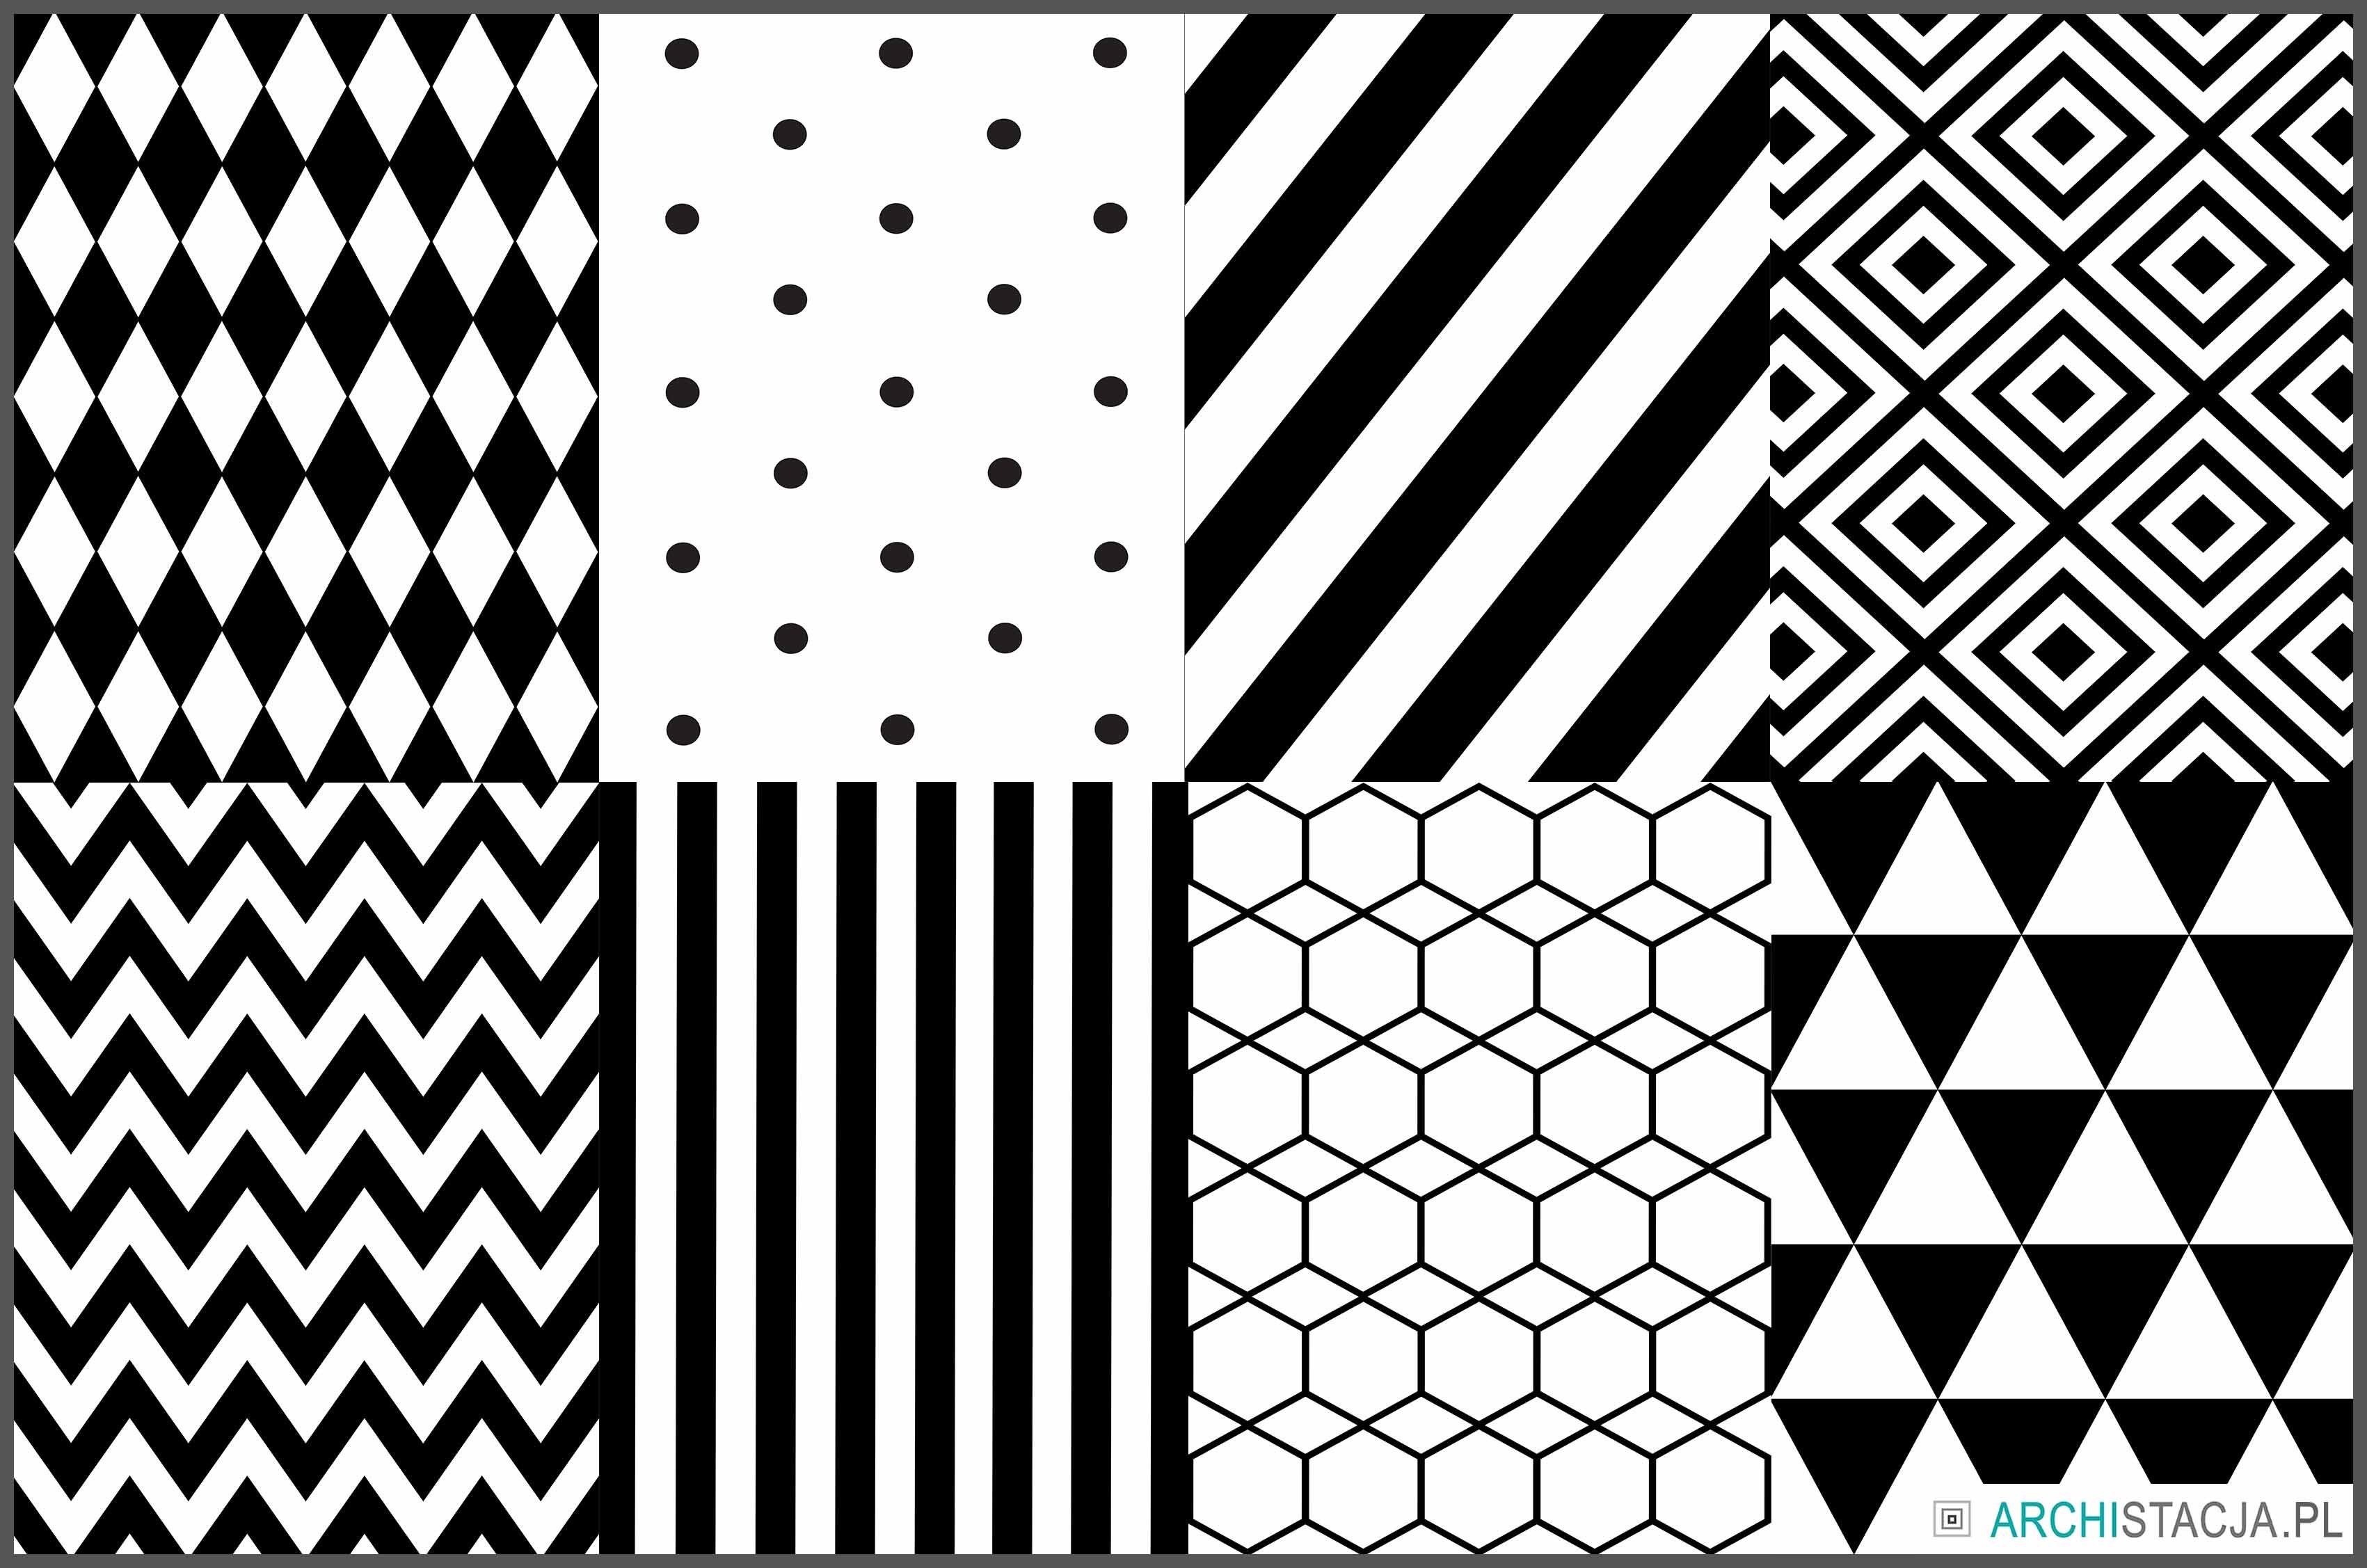 PARA IDEALNA - czarny i biały + GRAFIKI DO DRUKU